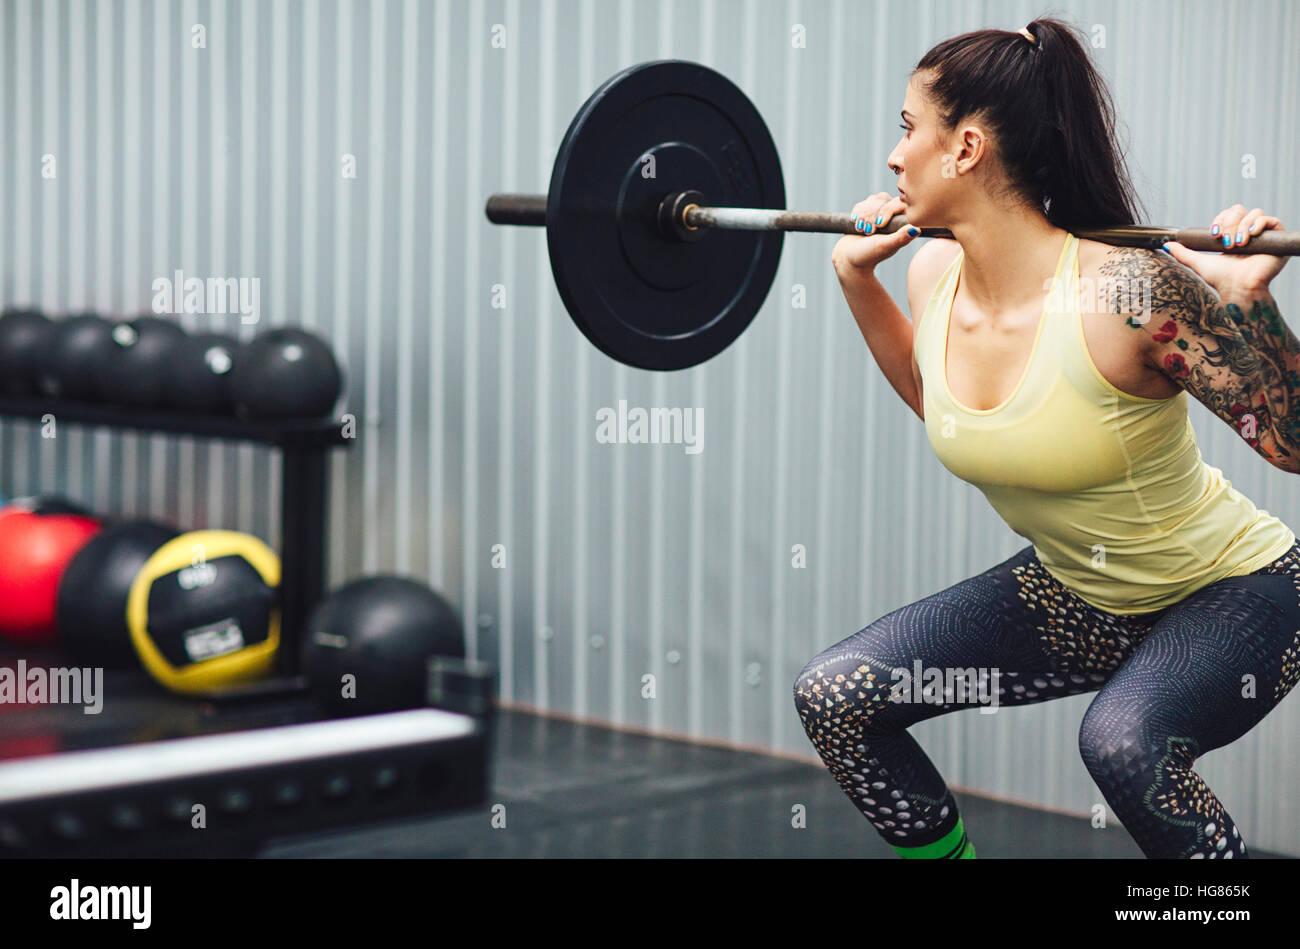 Femme de sport en haltérophilie Photo Stock